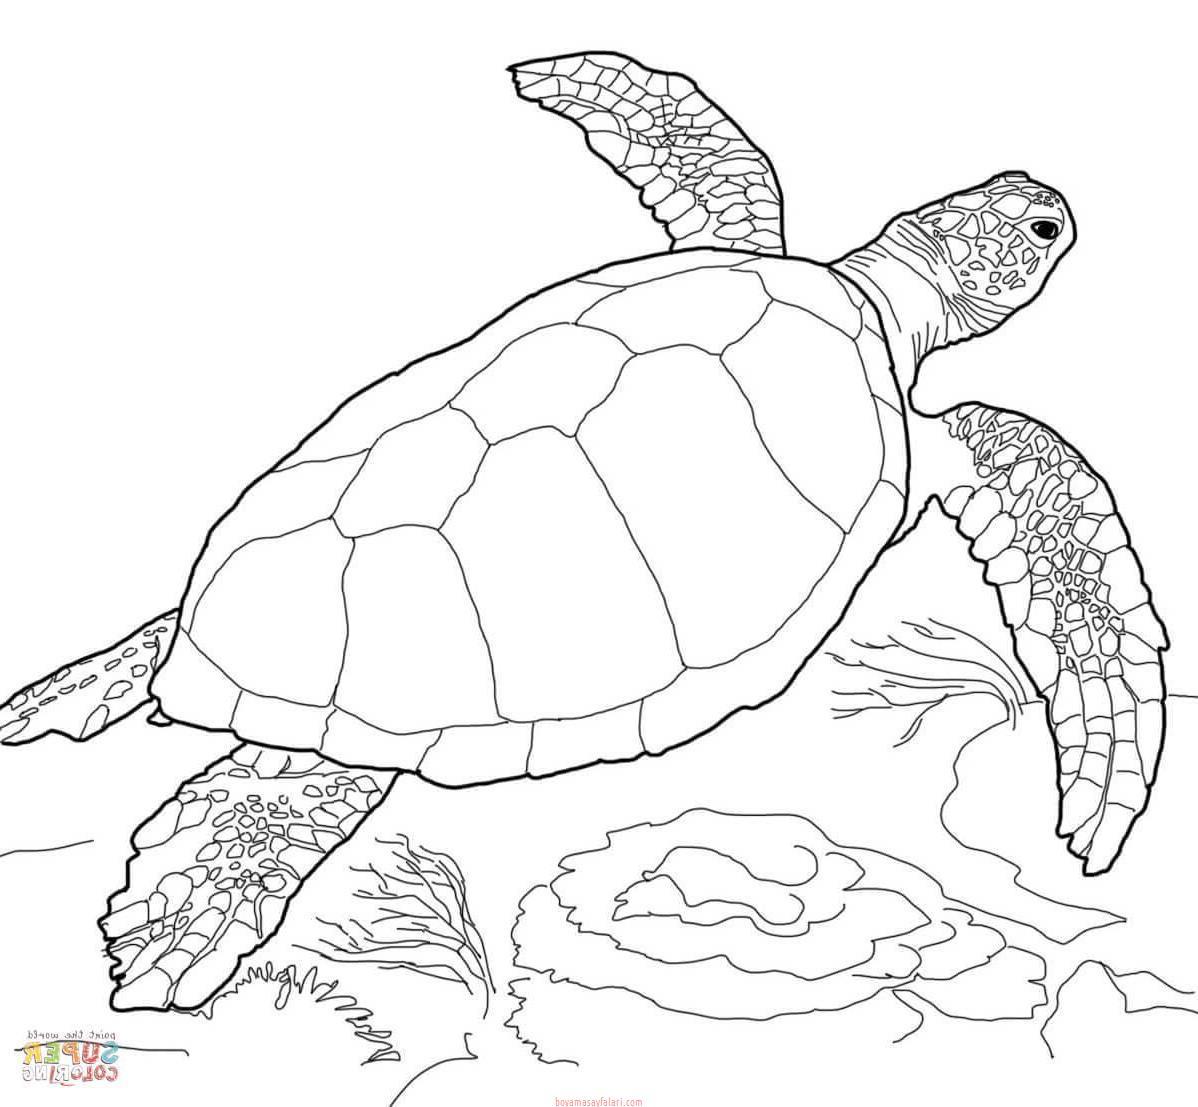 Kaplumbağa Boyama Sayfaları 8 Sınıf öğretmenleri Için ücretsiz